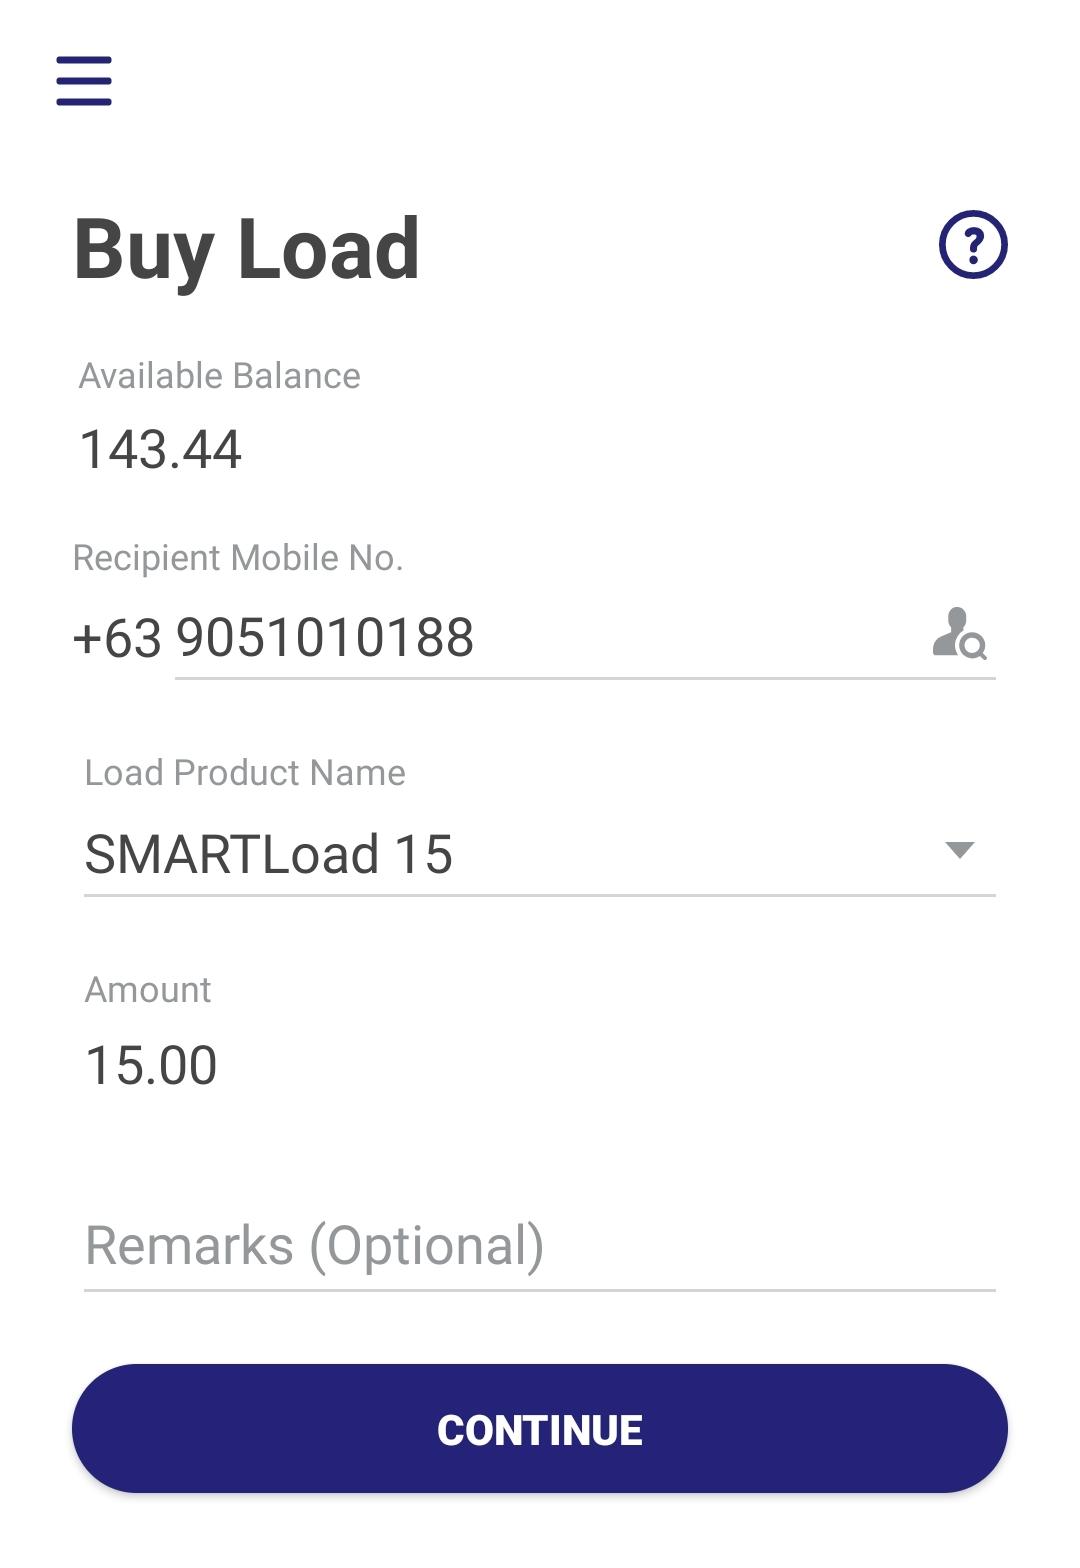 Buy load screen